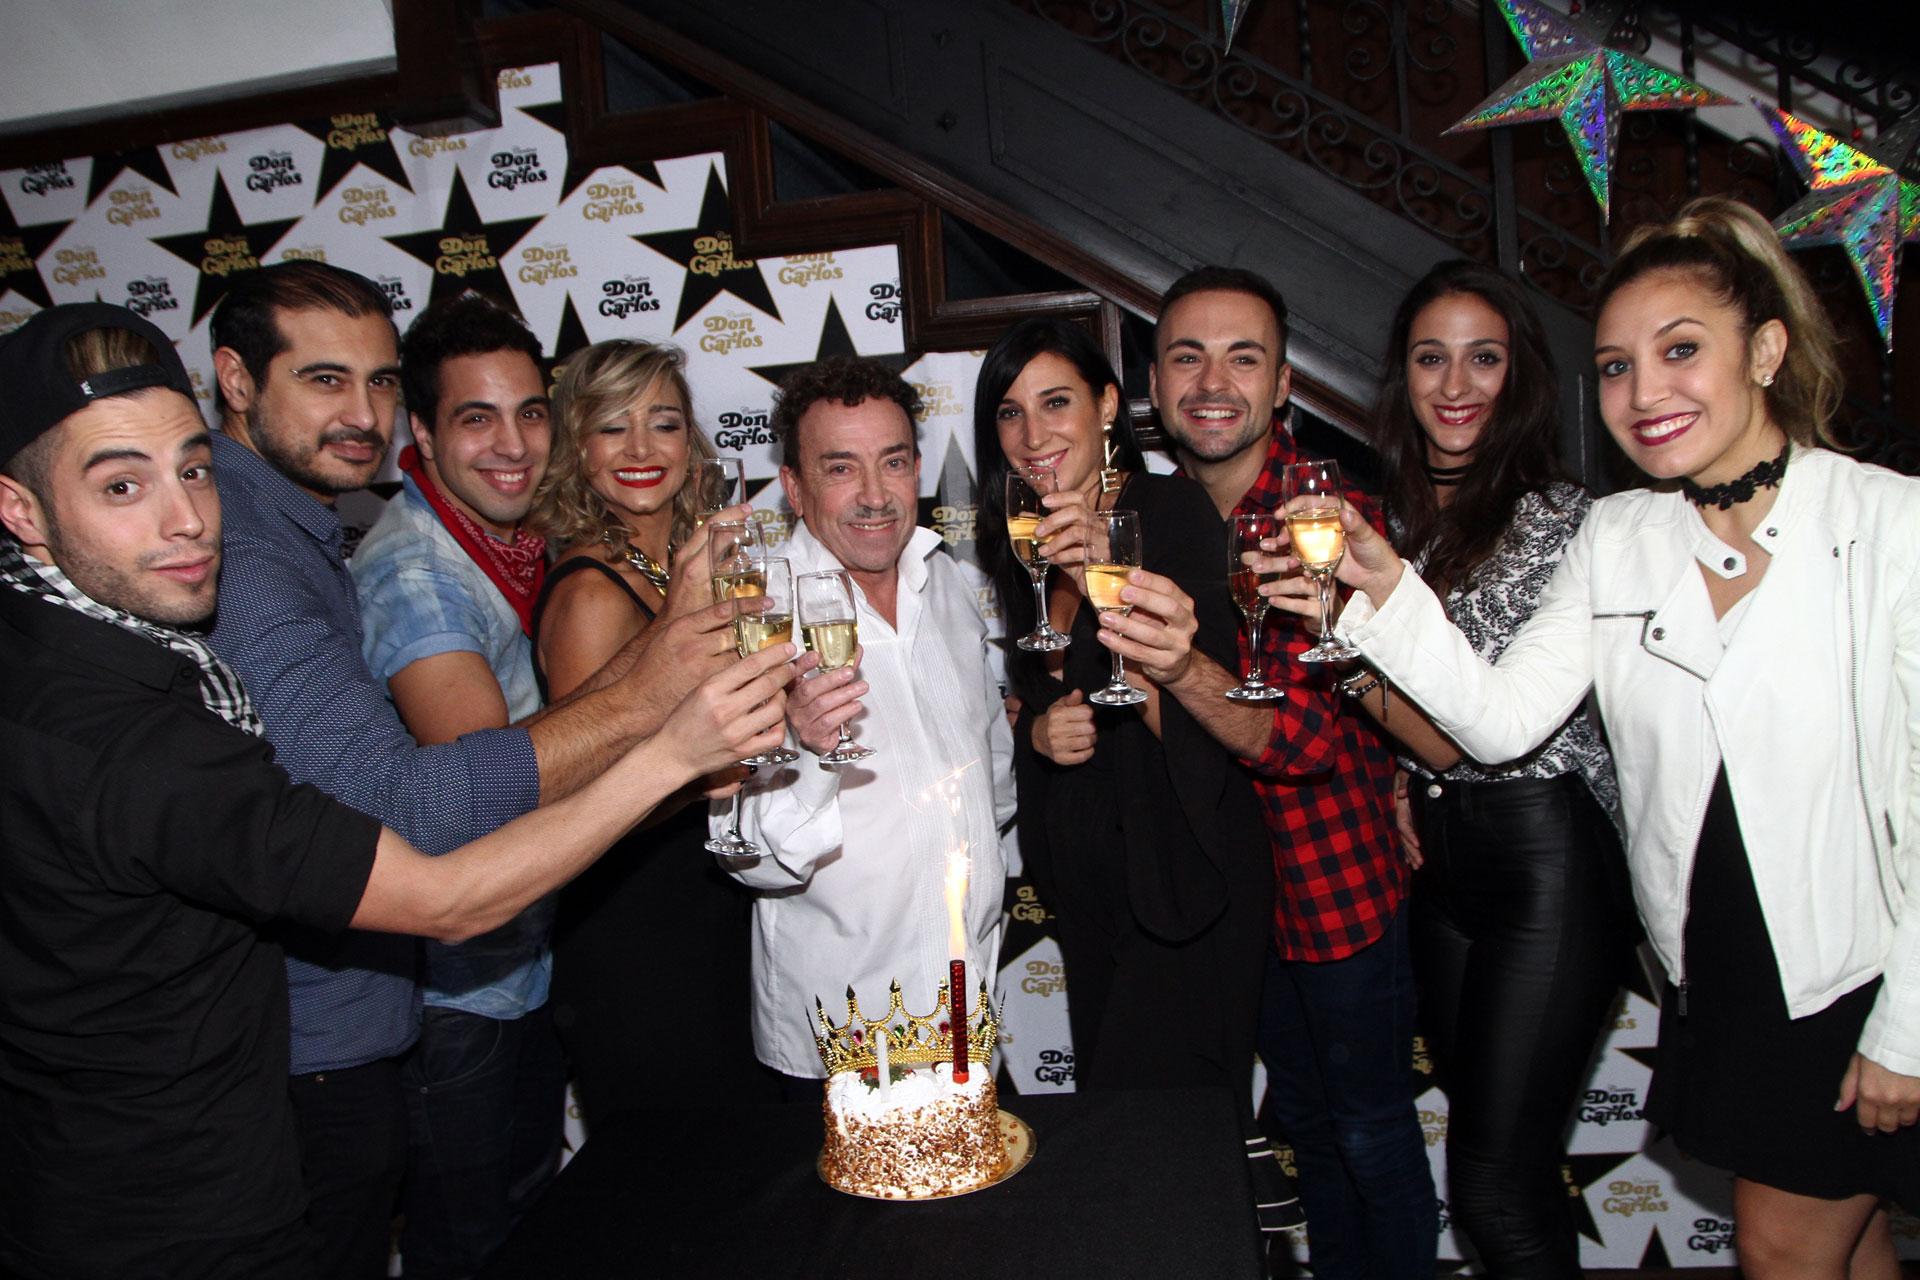 En el restaurante Don Carlos, Pachano festejó un nuevo año de vida rodeado de sus seres queridos